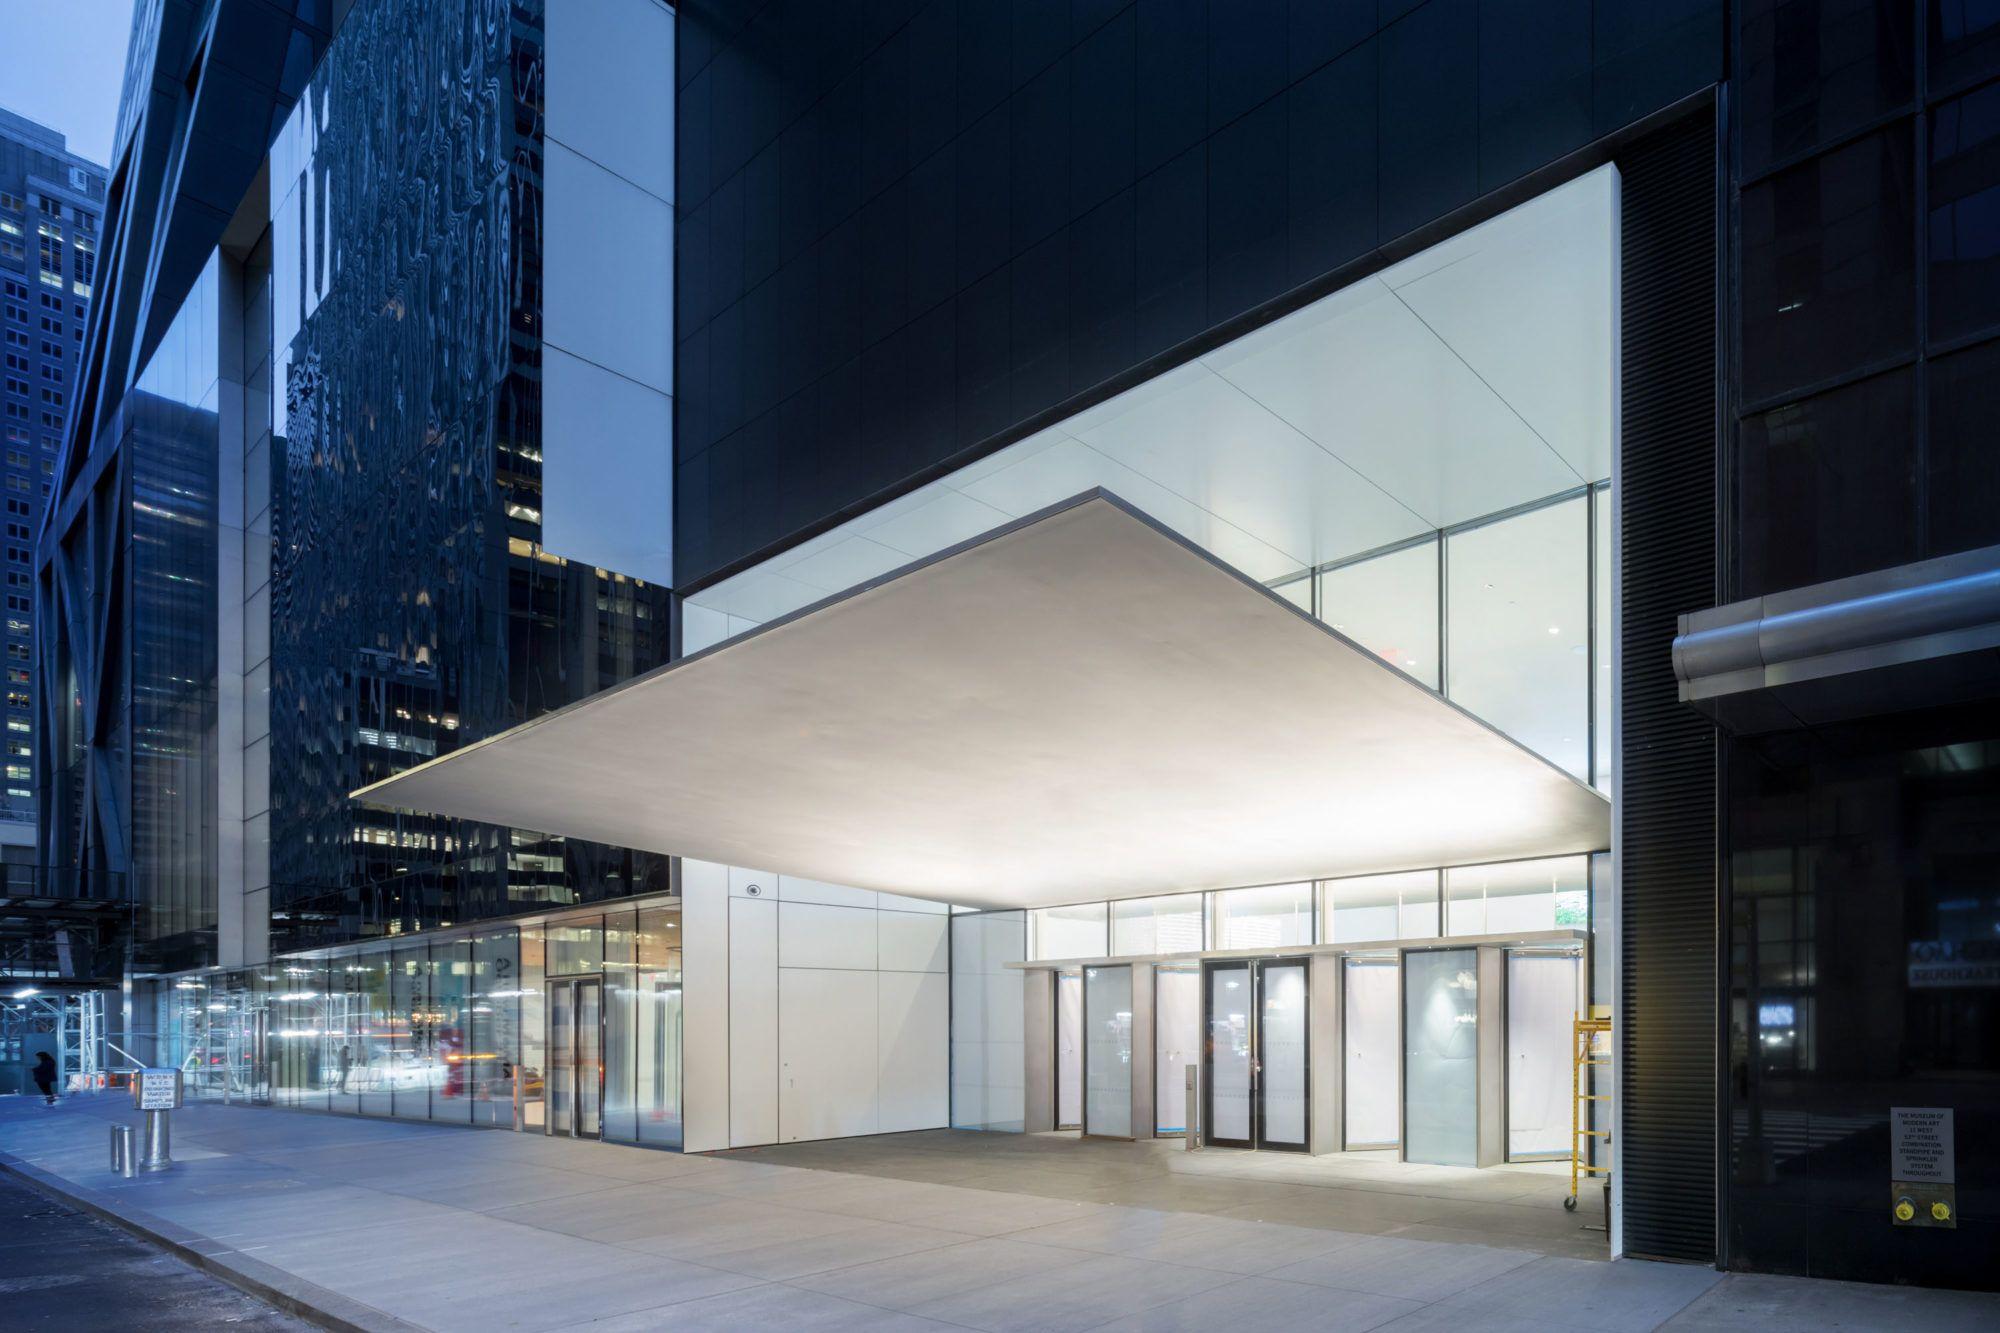 Siamo stati all'inaugurazione del MoMa di NY rinnovato, potenziato, stratificato nella cultura